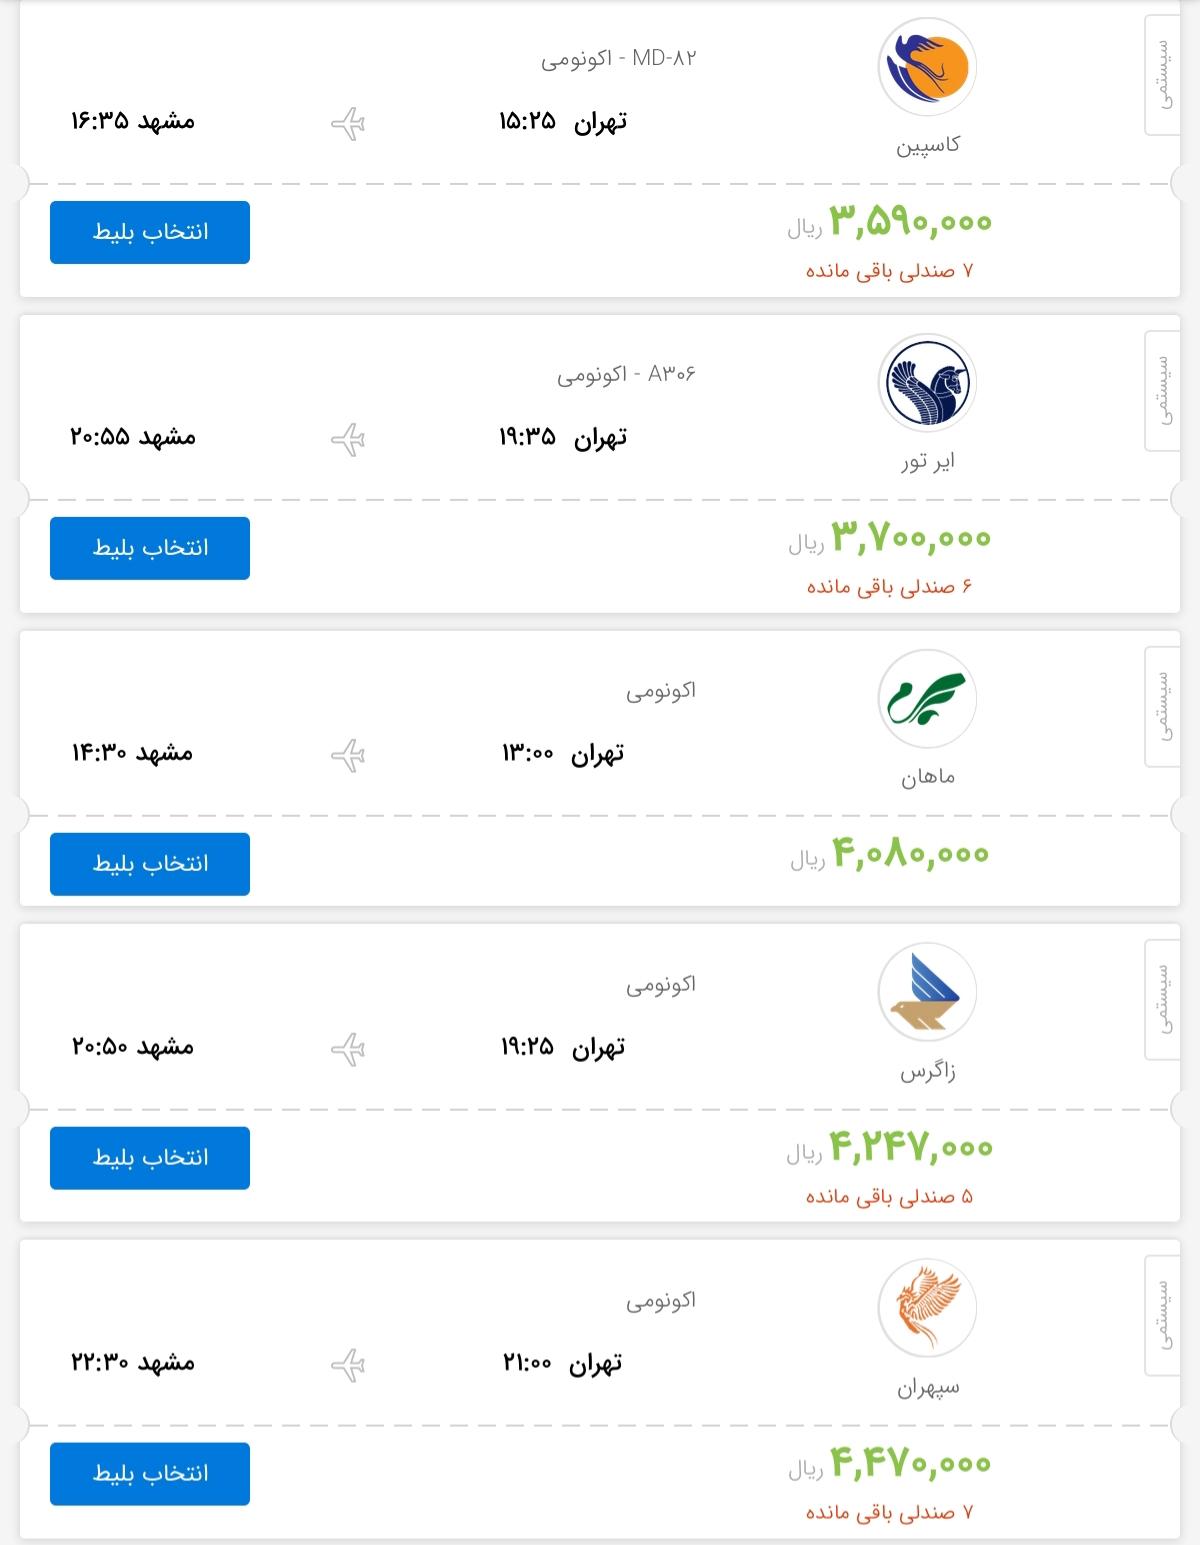 قیمت بلیط هواپیمای پروازهای تهران به مشهد